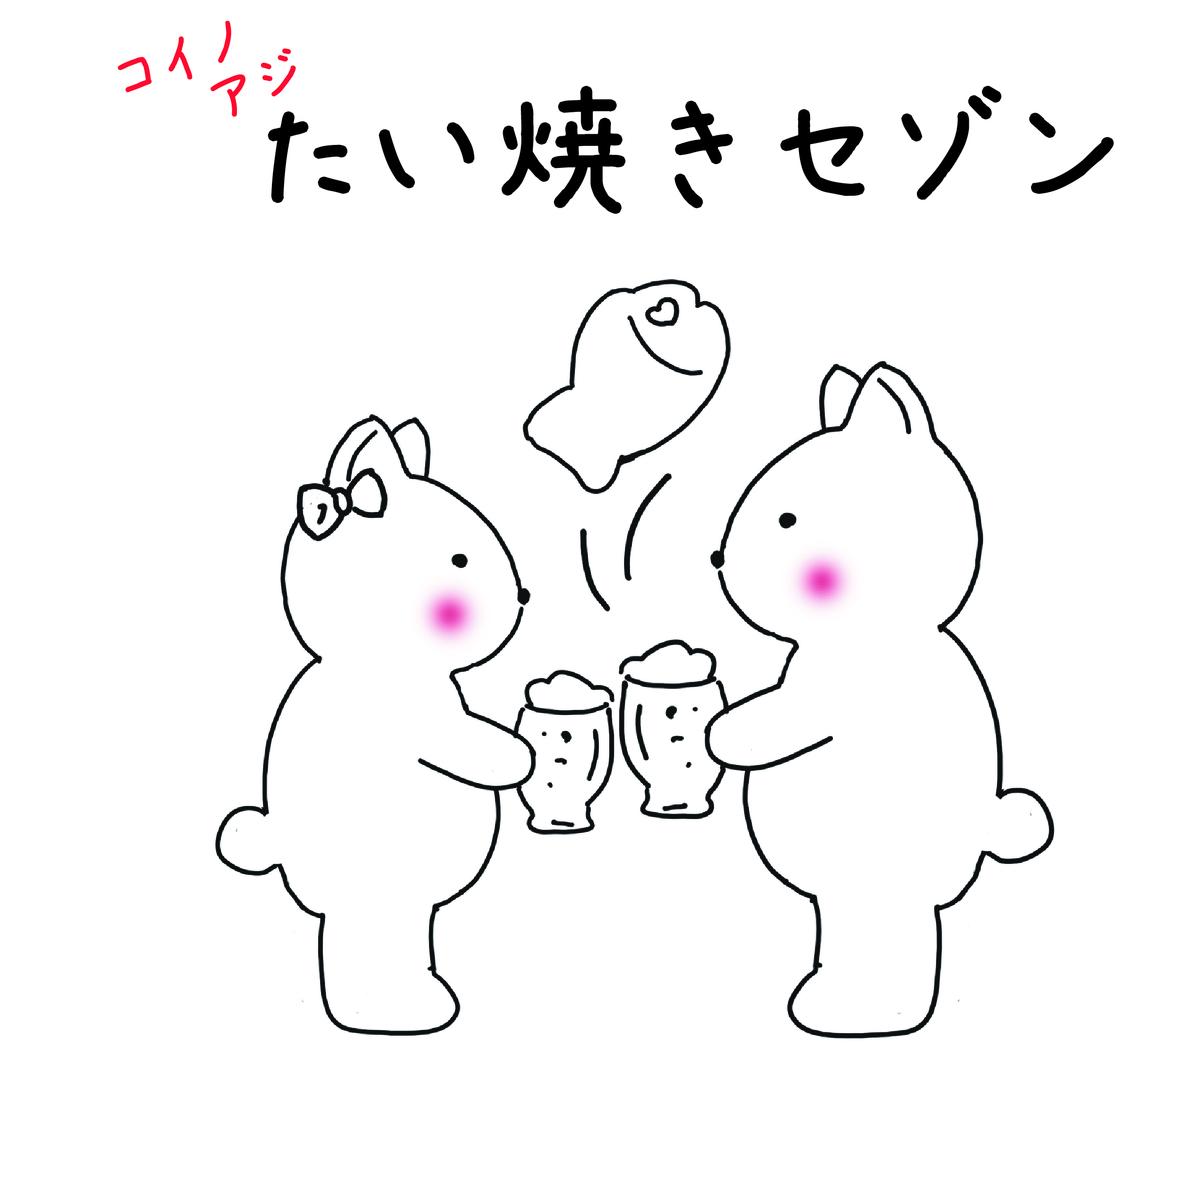 f:id:gotojozo-blog:20200228161312j:plain:w450